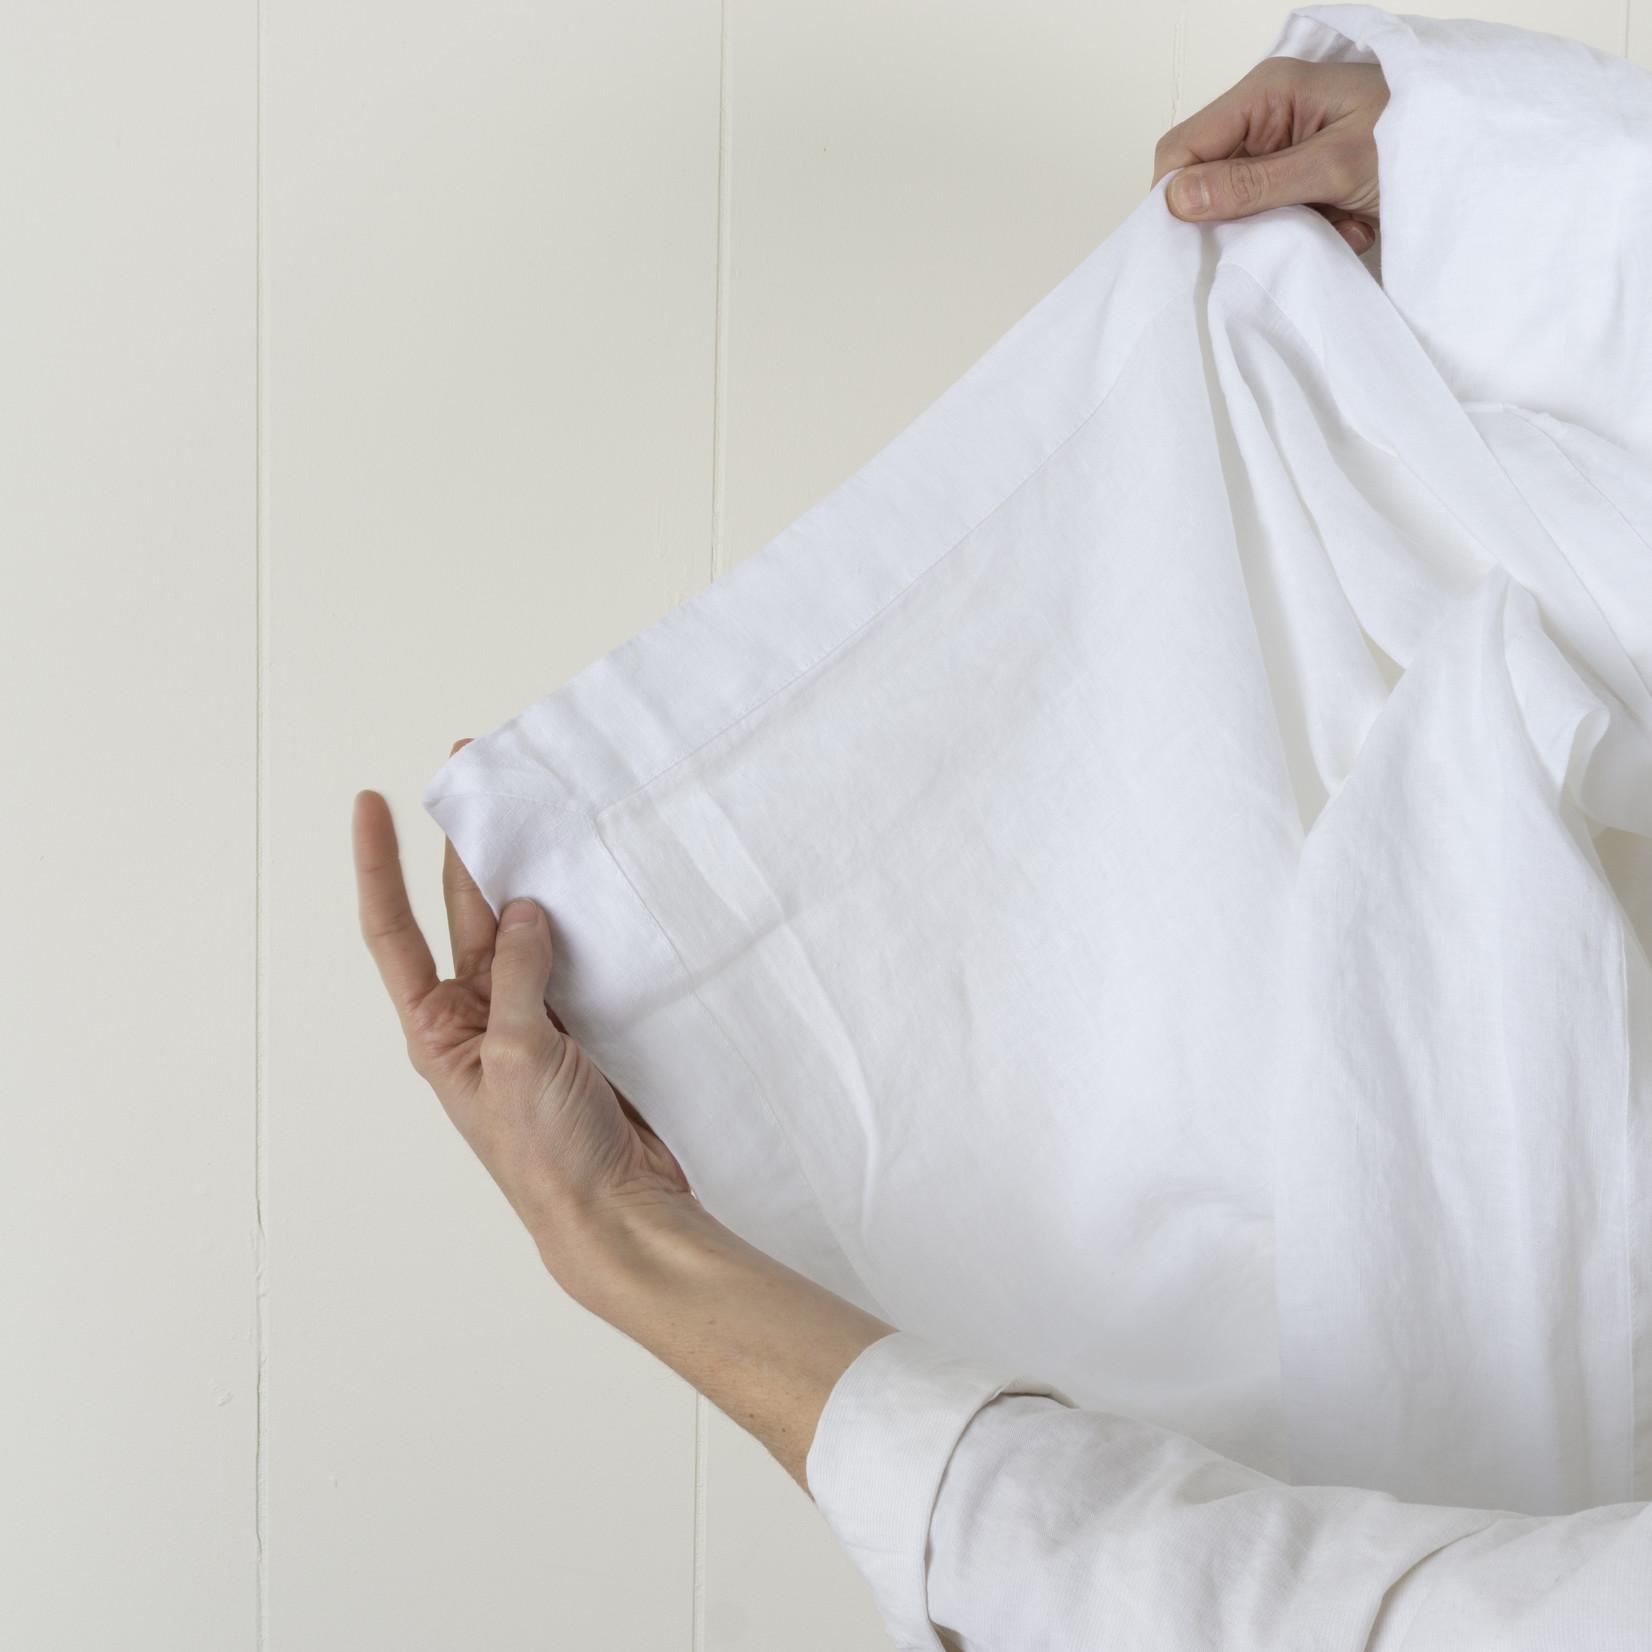 Linen Flat Sheet- white